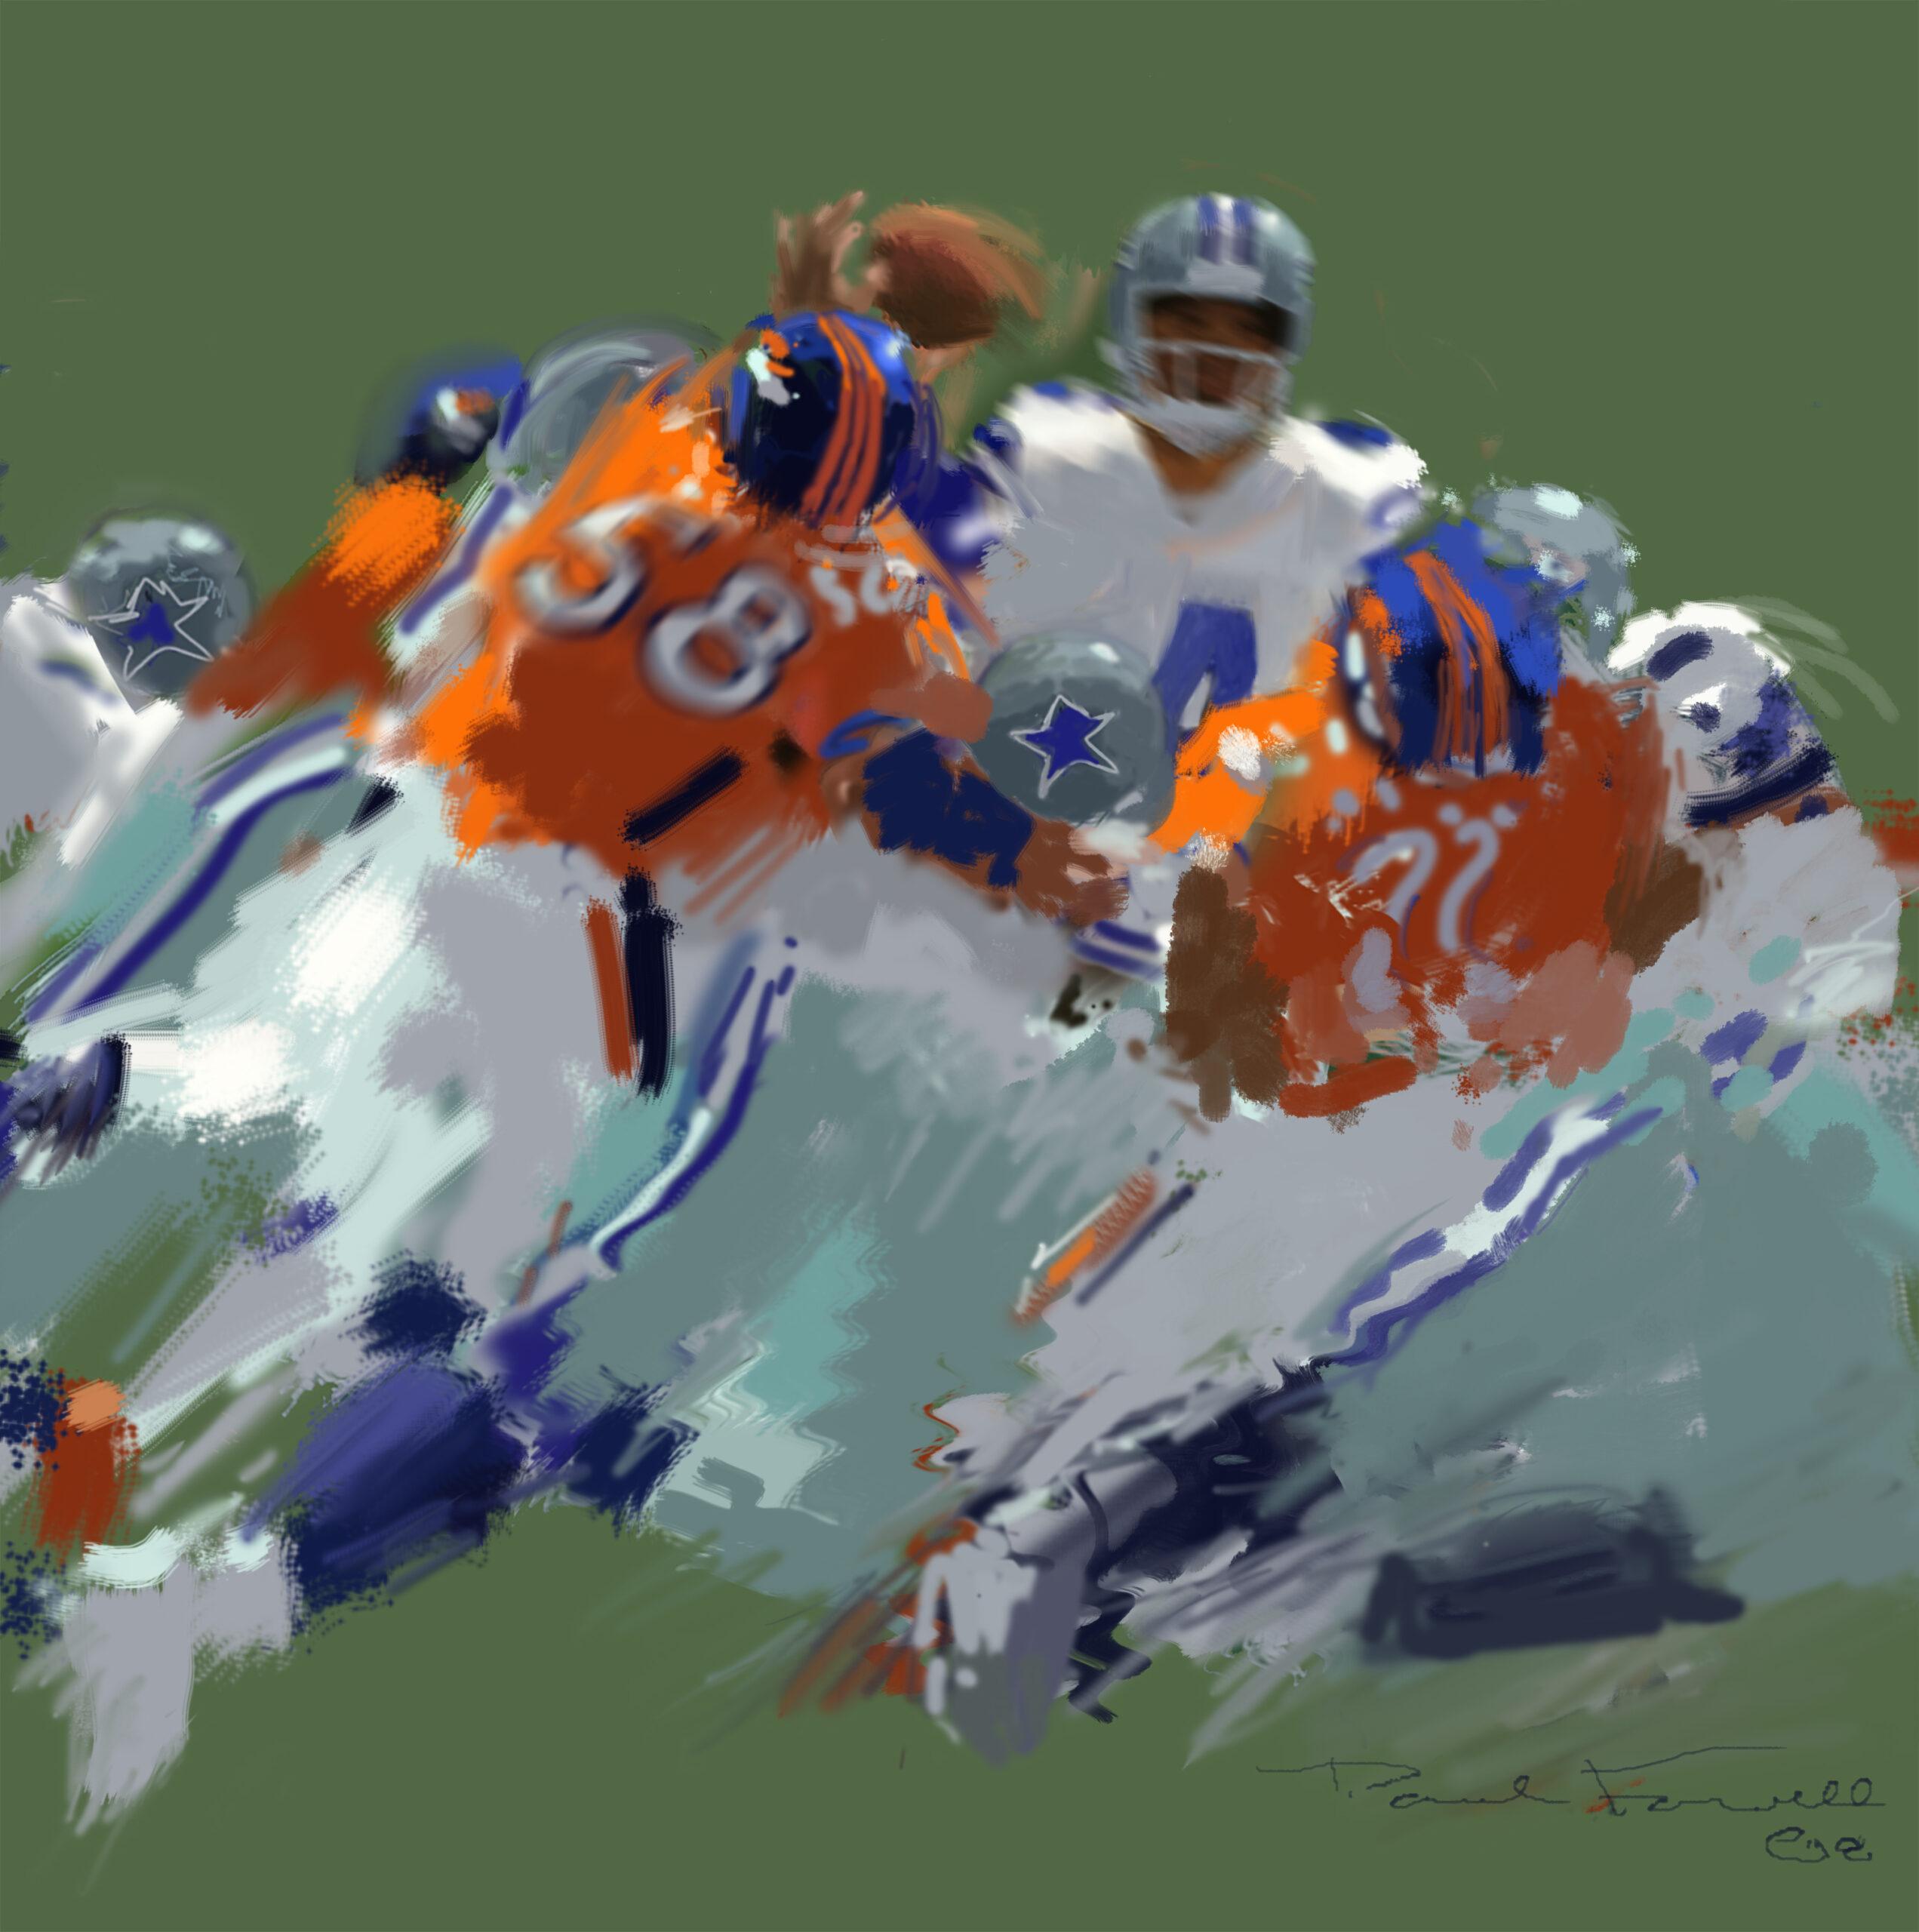 Broncos & Cowboys